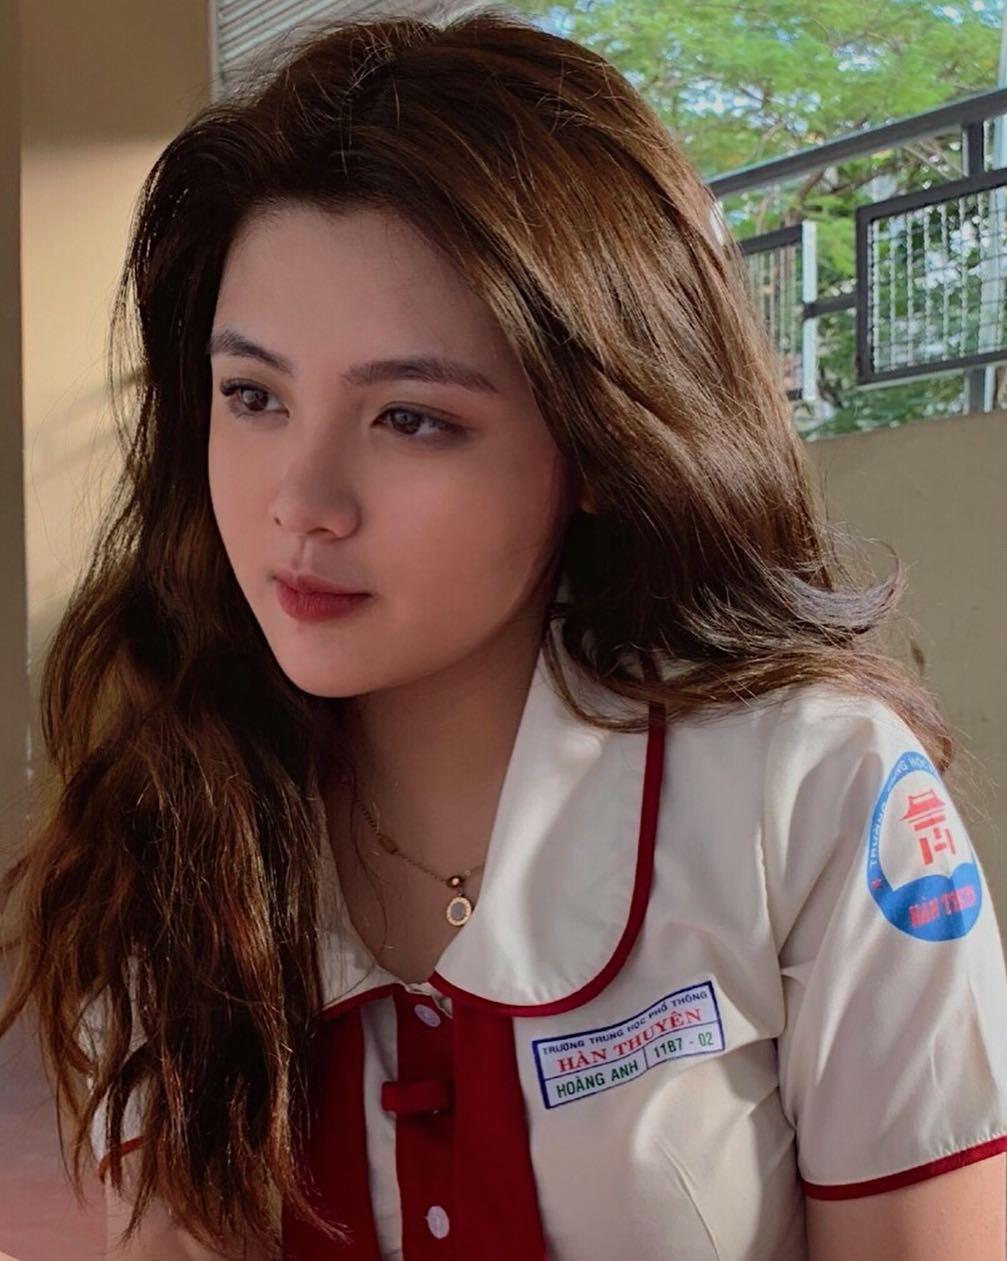 Báo Trung phát sốt về một nữ sinh Việt mặc áo dài, khen ngợi nhan sắc xinh đẹp đủ tầm tham gia showbiz - Ảnh 2.